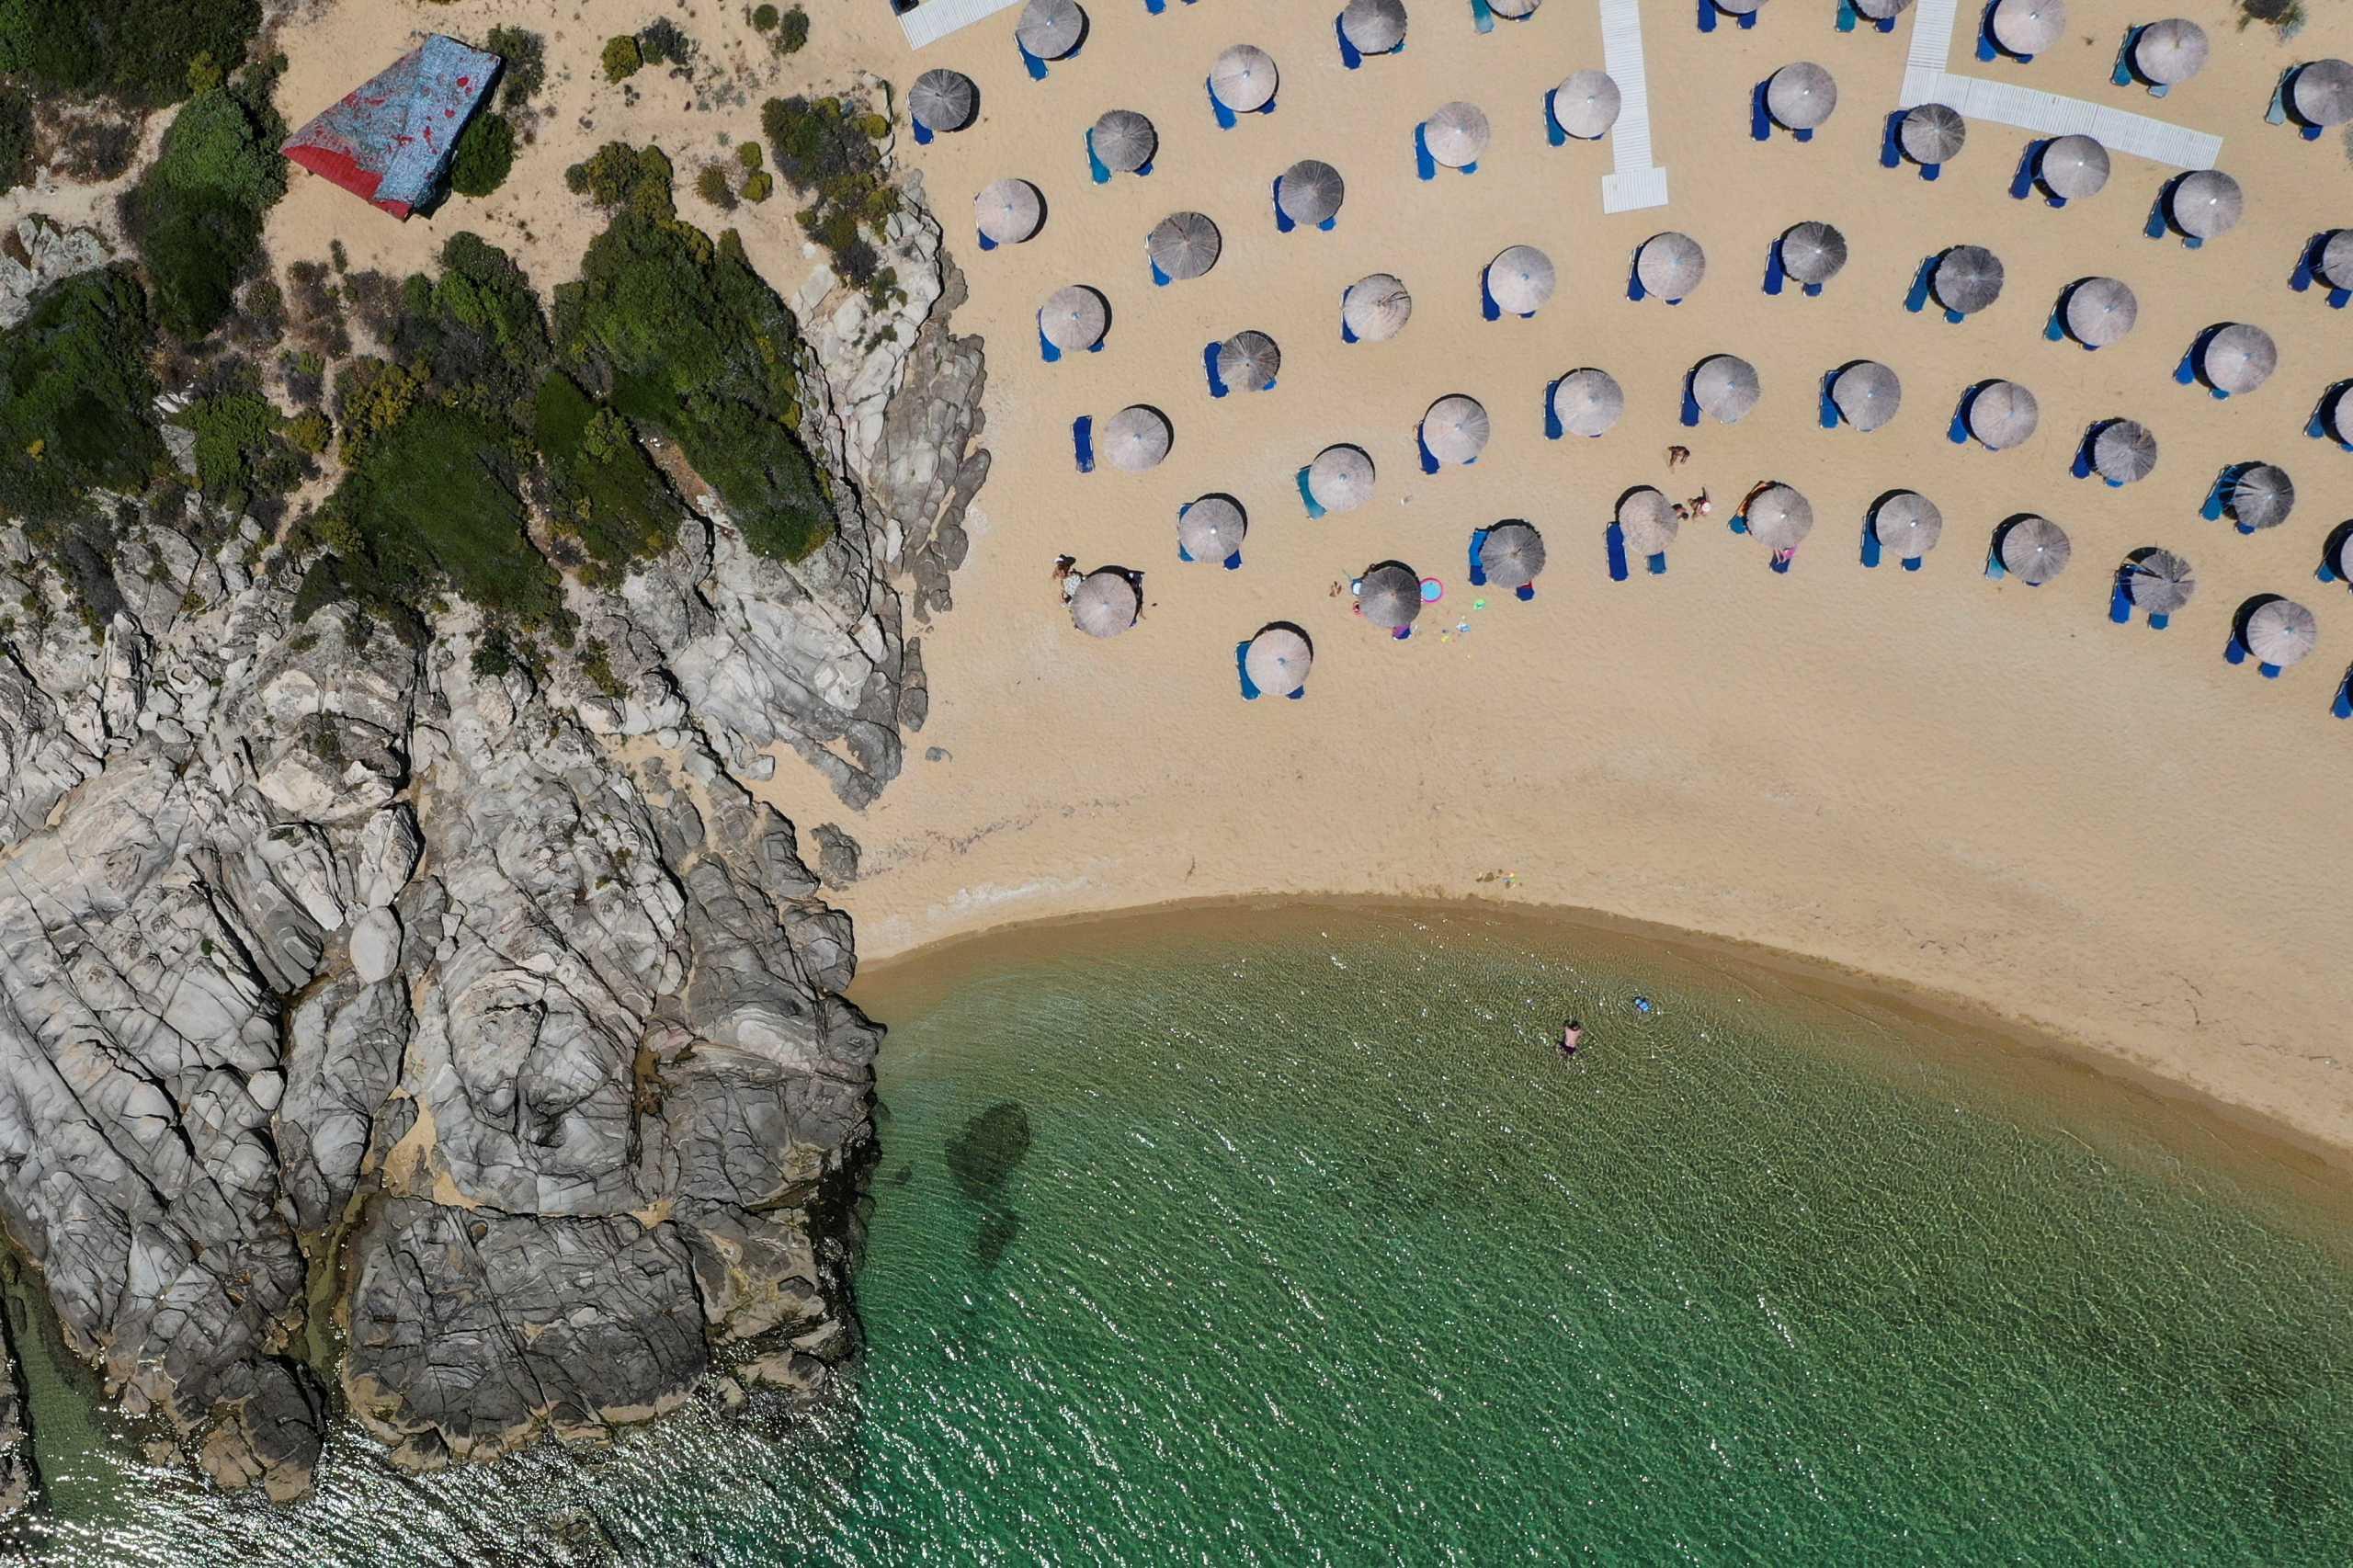 Κοινωνικός τουρισμός ΟΑΕΔ 2021: Από σήμερα οι αιτήσεις για δωρεάν διακοπές